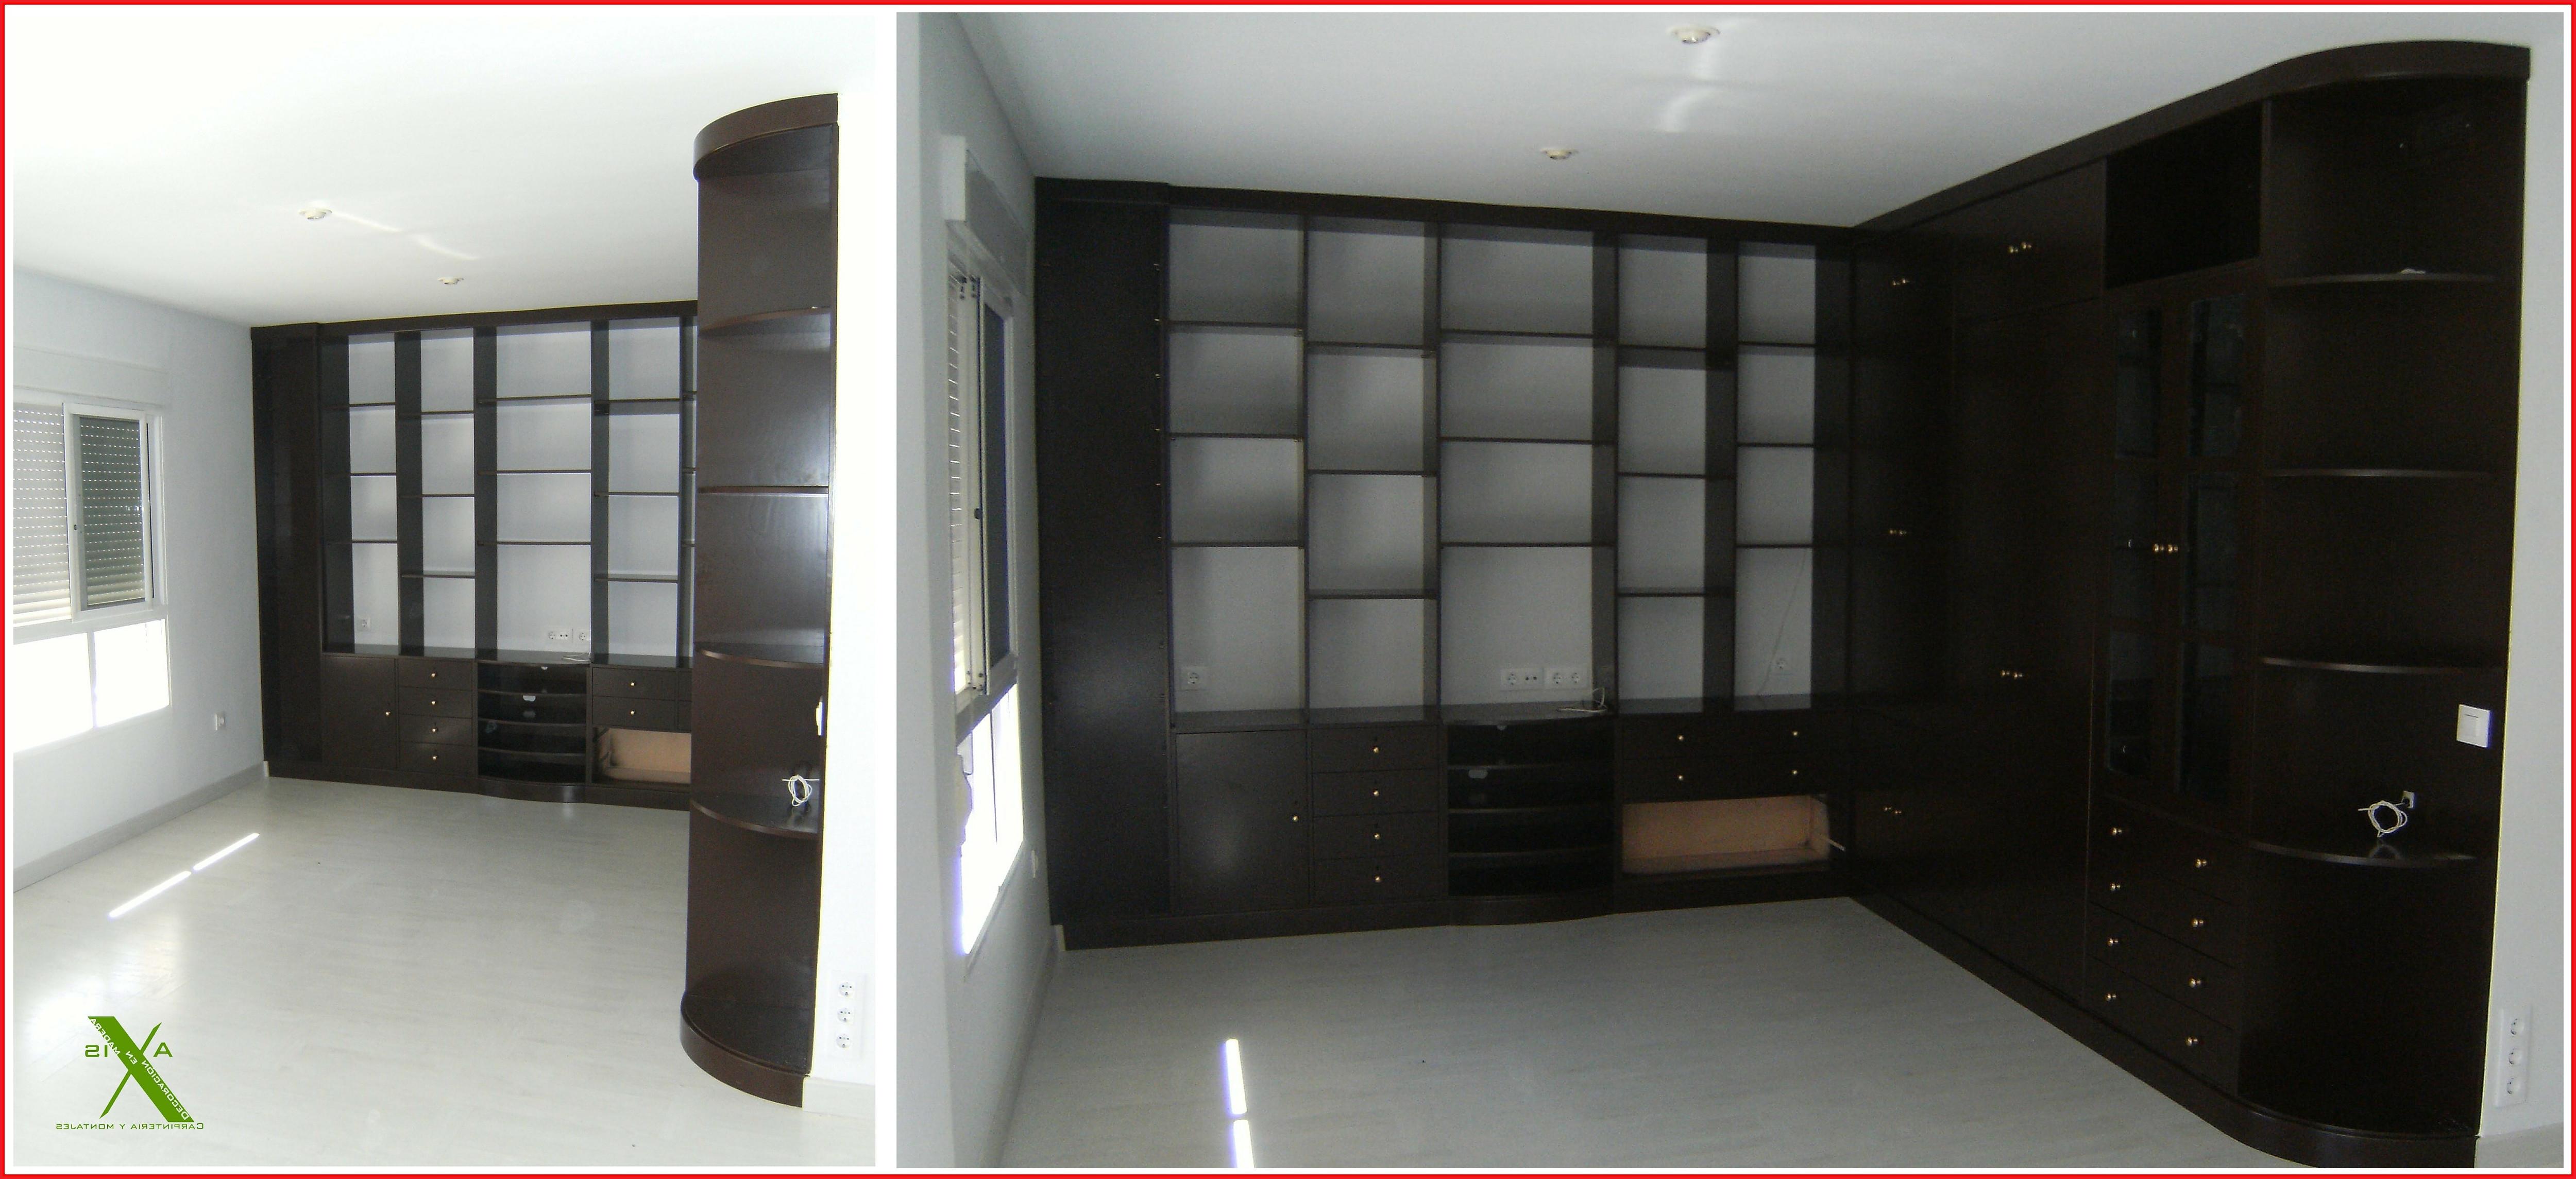 Programa Diseño Muebles 3d Gratis Qwdq Diseà O Interior Armarios DiseO Armarios Empotrados DiseO